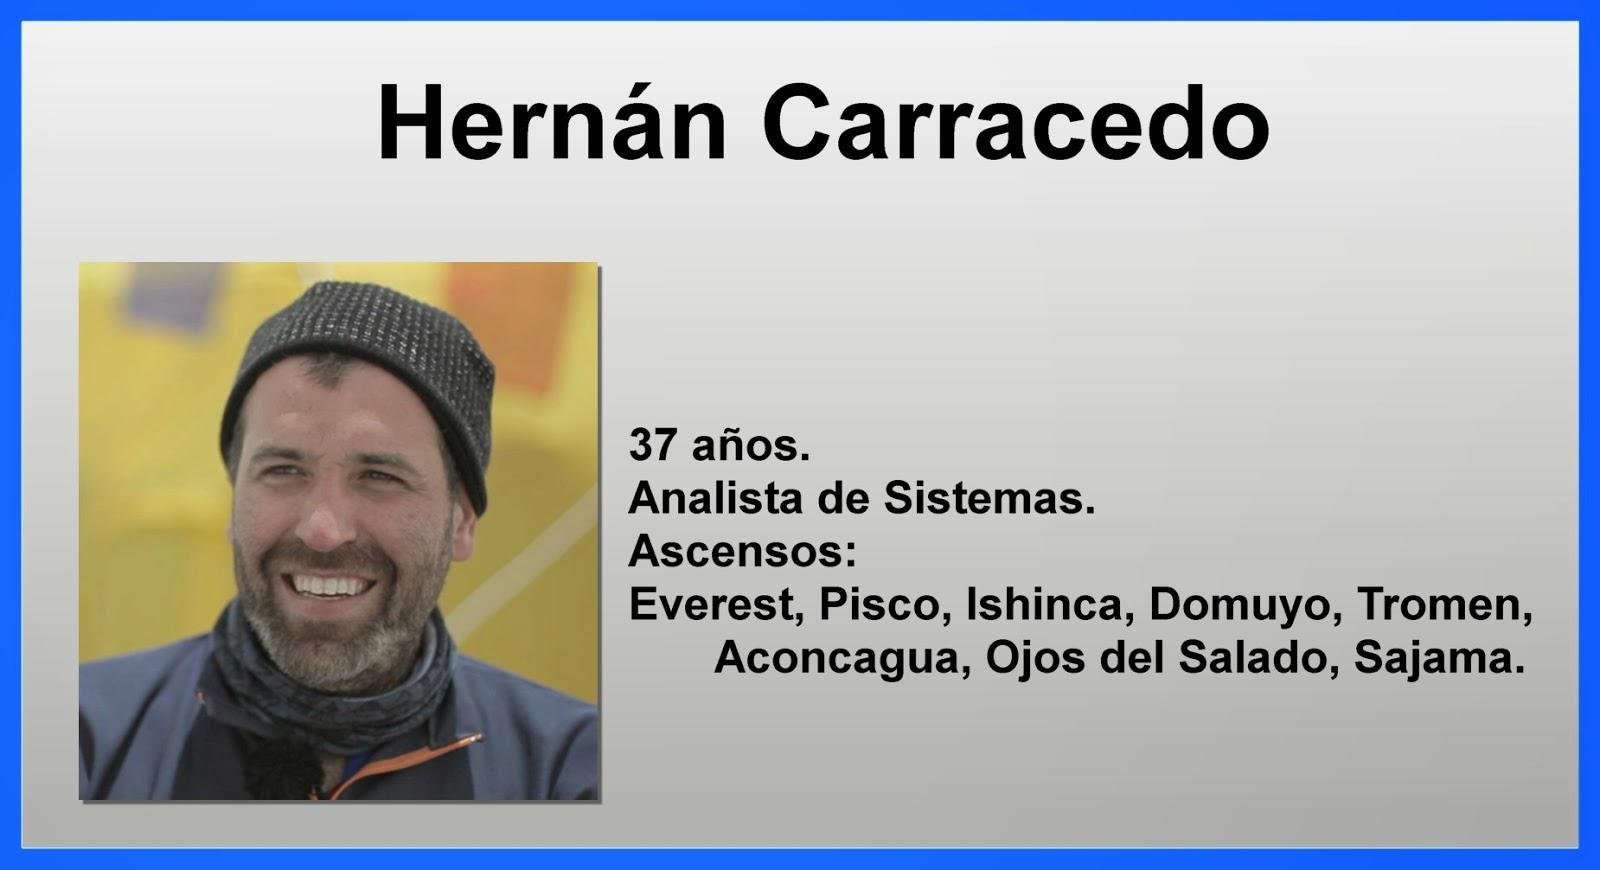 https://www.facebook.com/hernanpampa?fref=ts